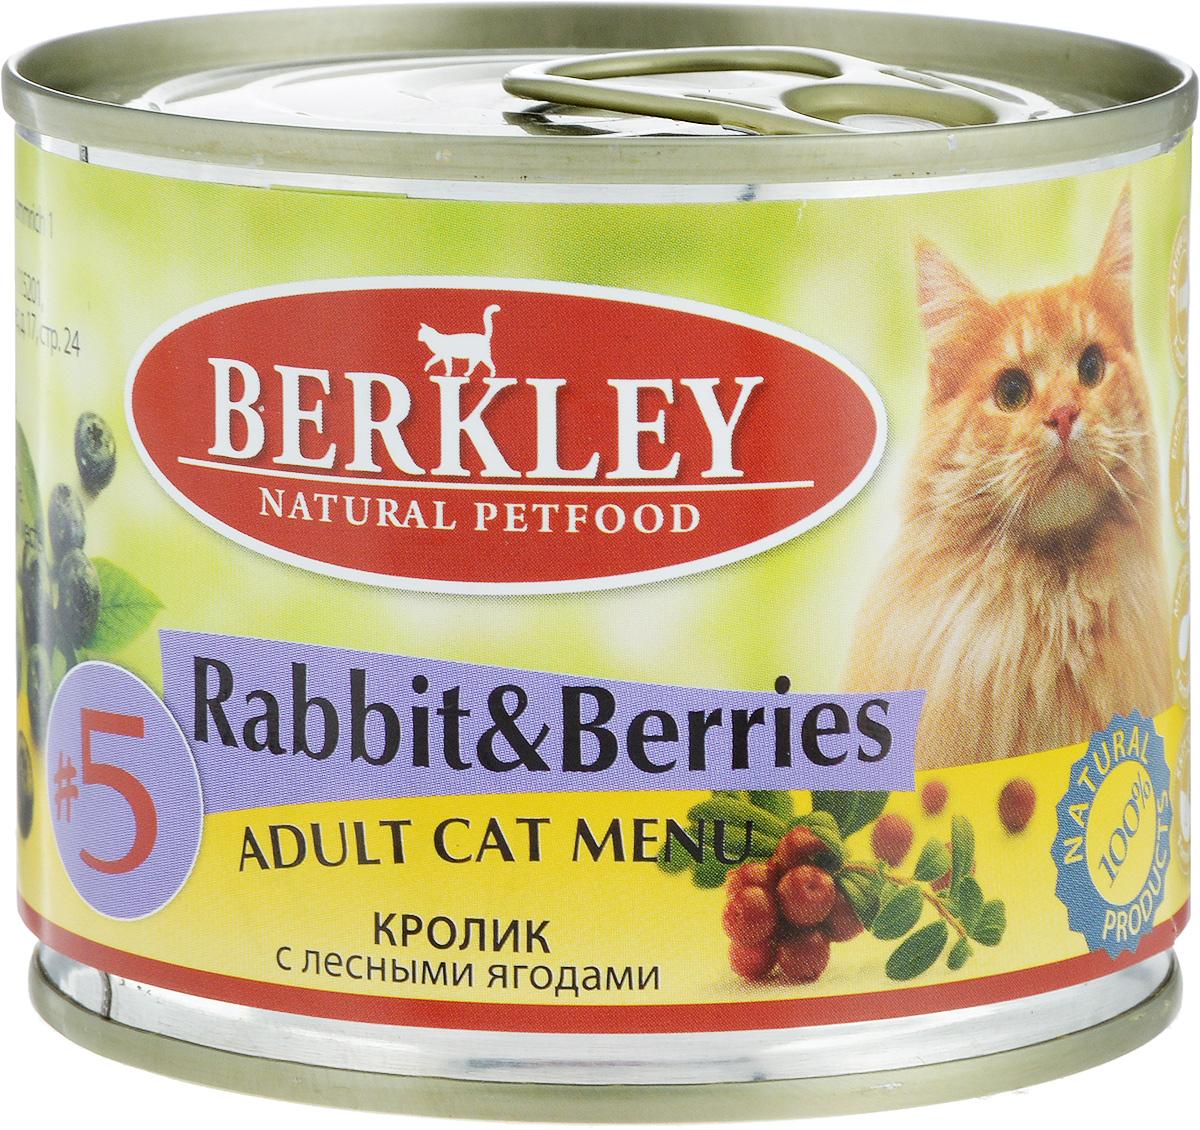 Консервы Berkley №5, для взрослых кошек, кролик с лесными ягодами, 200 г76500/75154Консервы Berkley №5 - полноценное консервированное питание для взрослых кошек. Не содержат сои, консервантов, искусственных красителей и ароматизаторов. Корм полностью удовлетворяет ежедневные энергетические потребности животного и обеспечивает оптимальное функционирование пищеварительной системы. Товар сертифицирован.